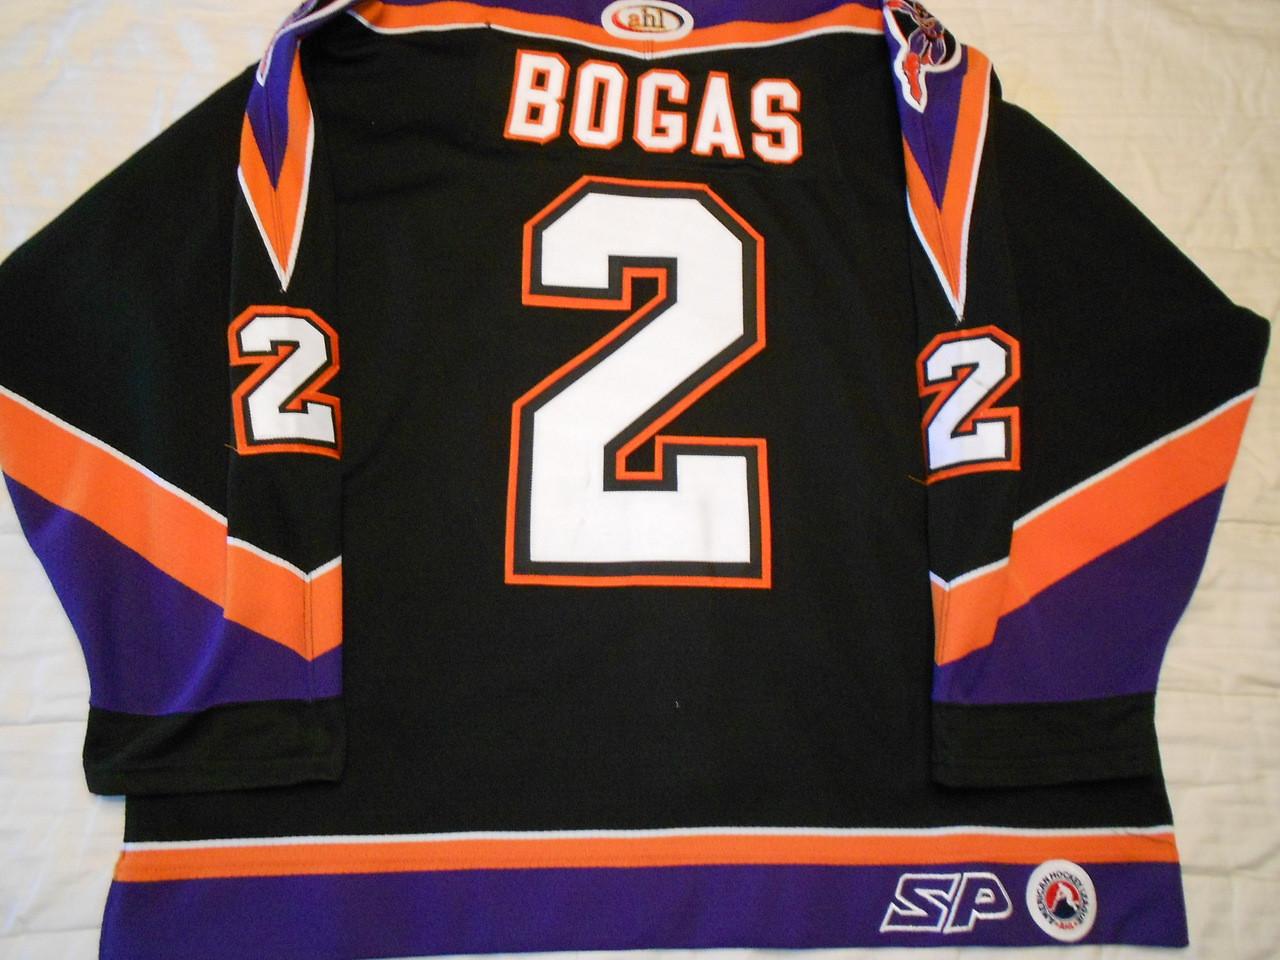 on sale c3aa6 c8270 Philadelphia Phantoms 2002-03 Black Chris Bogas Nice Style!!